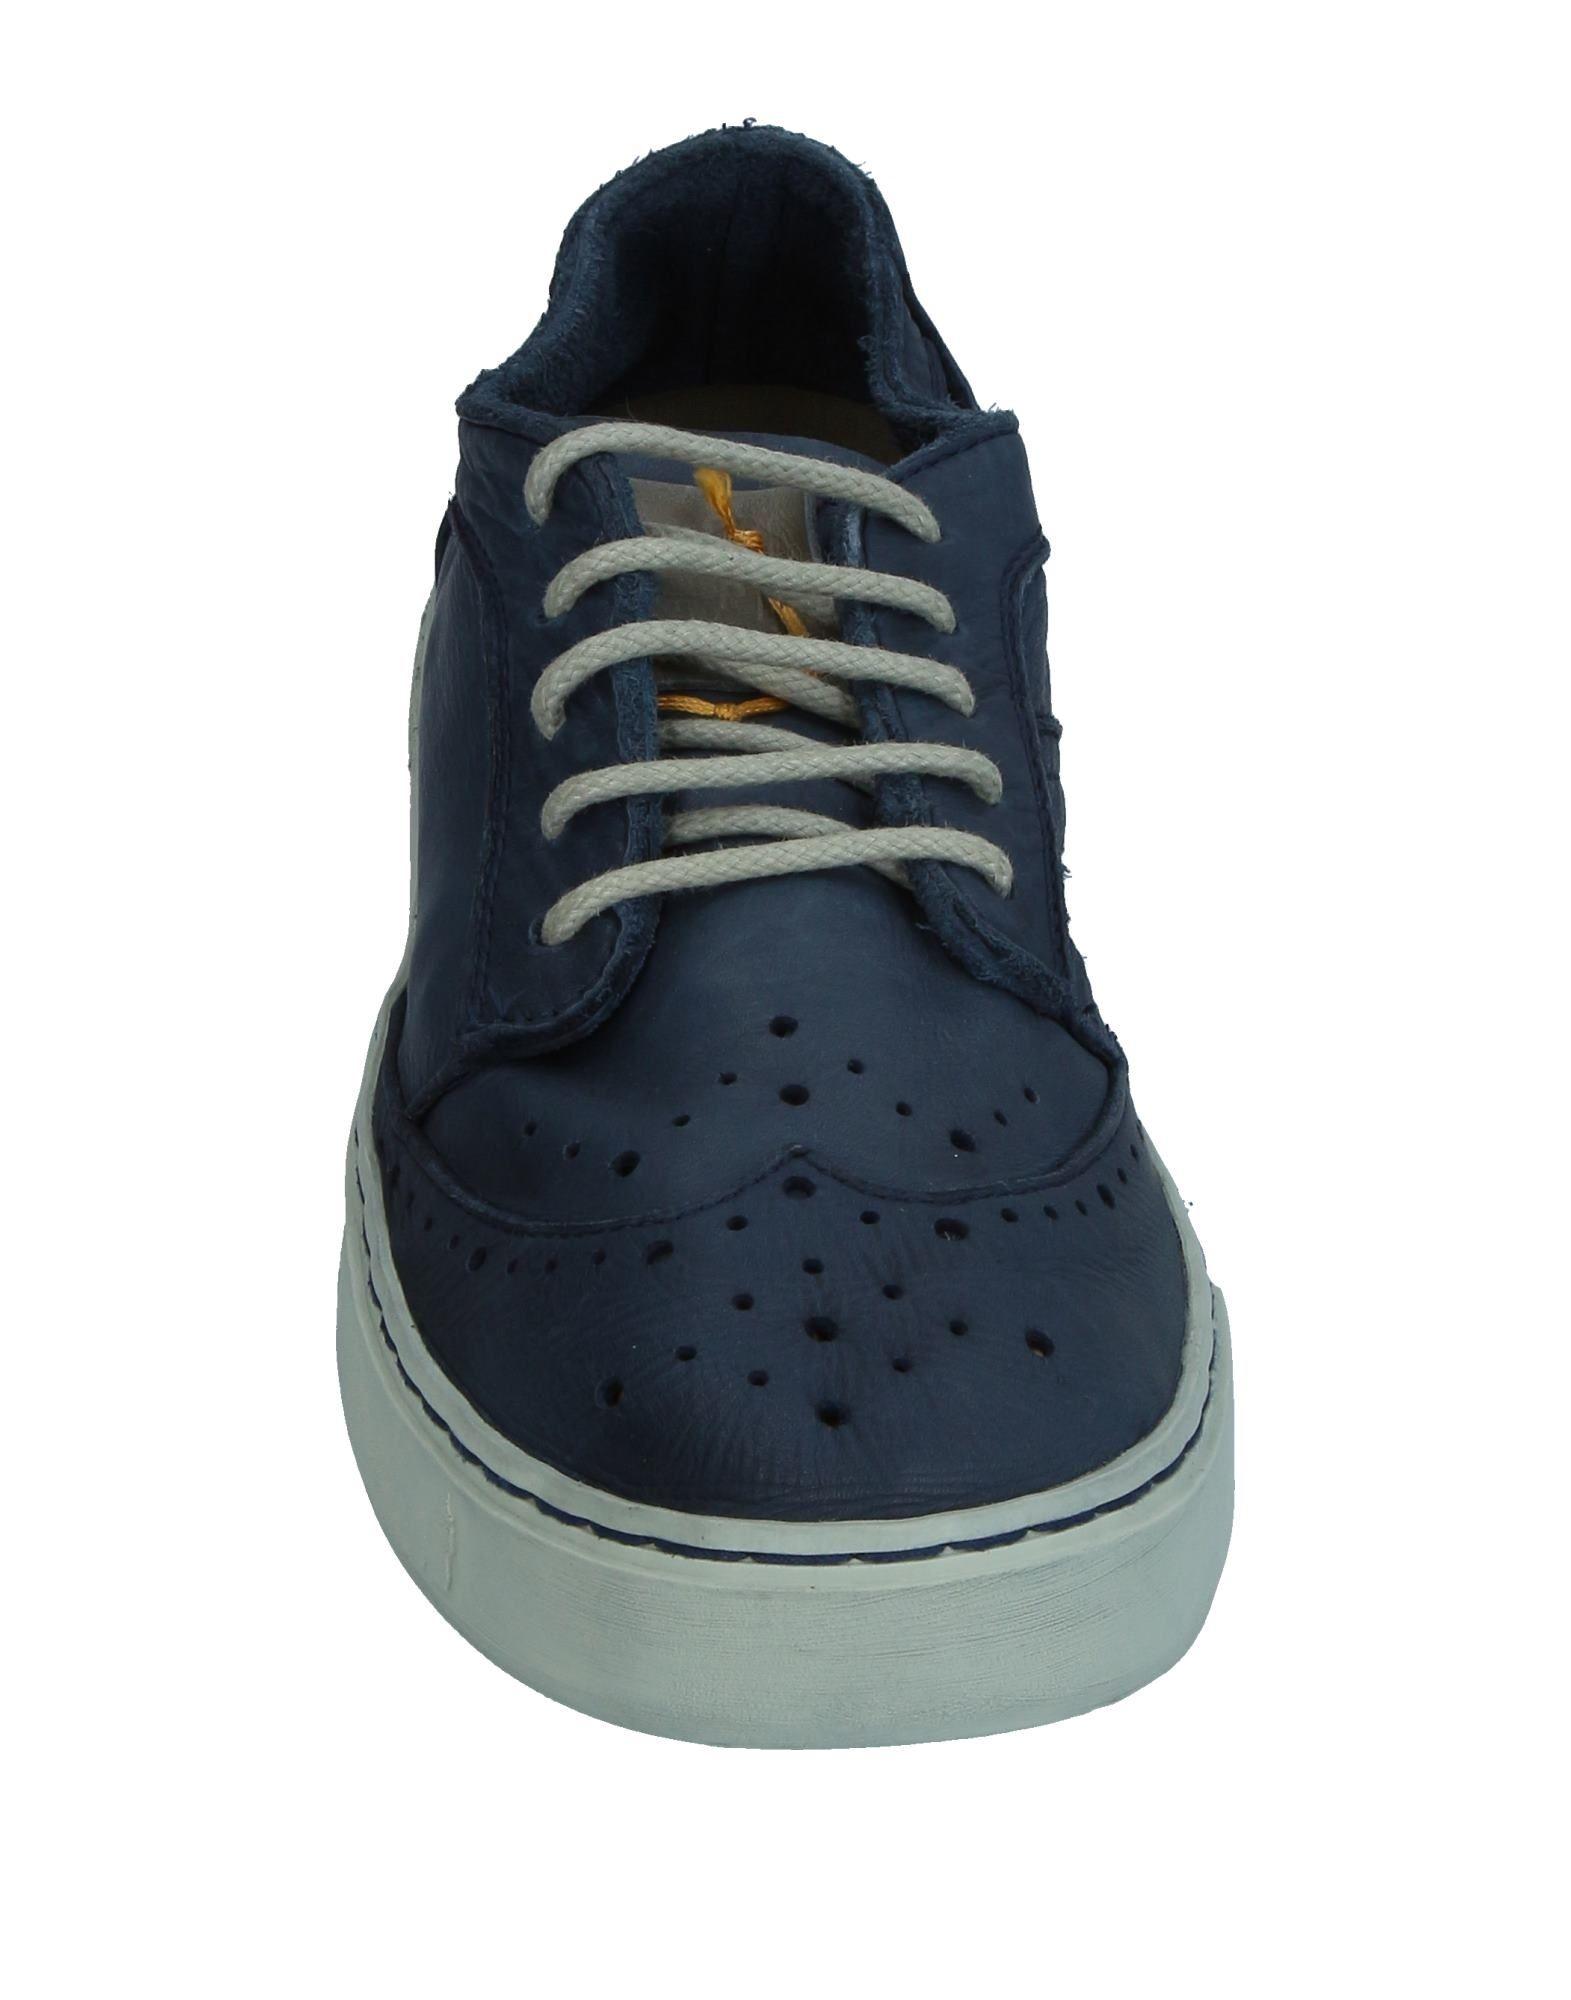 Scarpe economiche 11339014MG e resistenti Sneakers Satorisan Uomo - 11339014MG economiche 733550